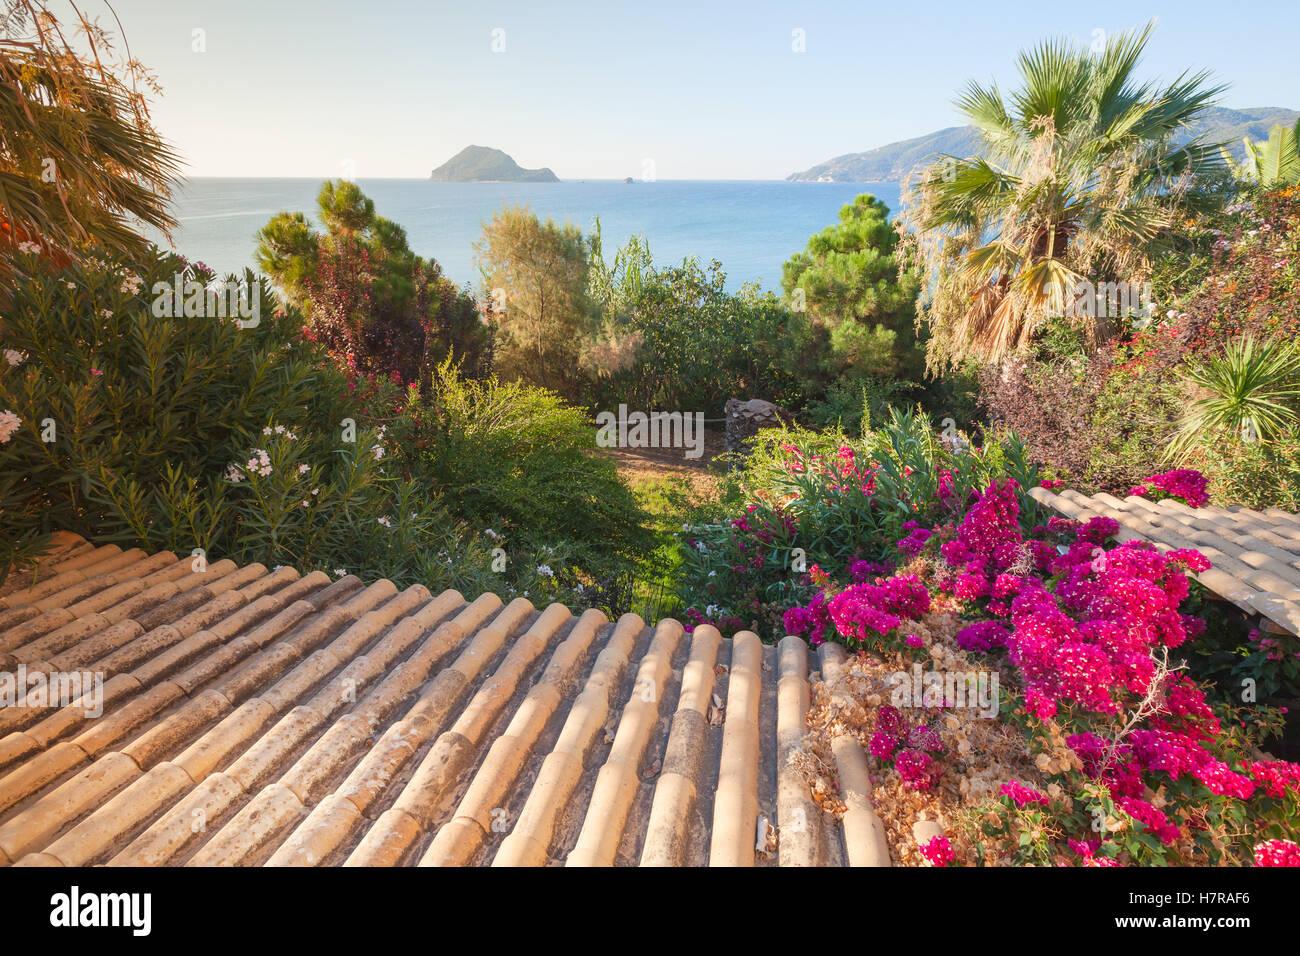 Paesaggio estivo dell isola di zante grecia piastrelle vecchie